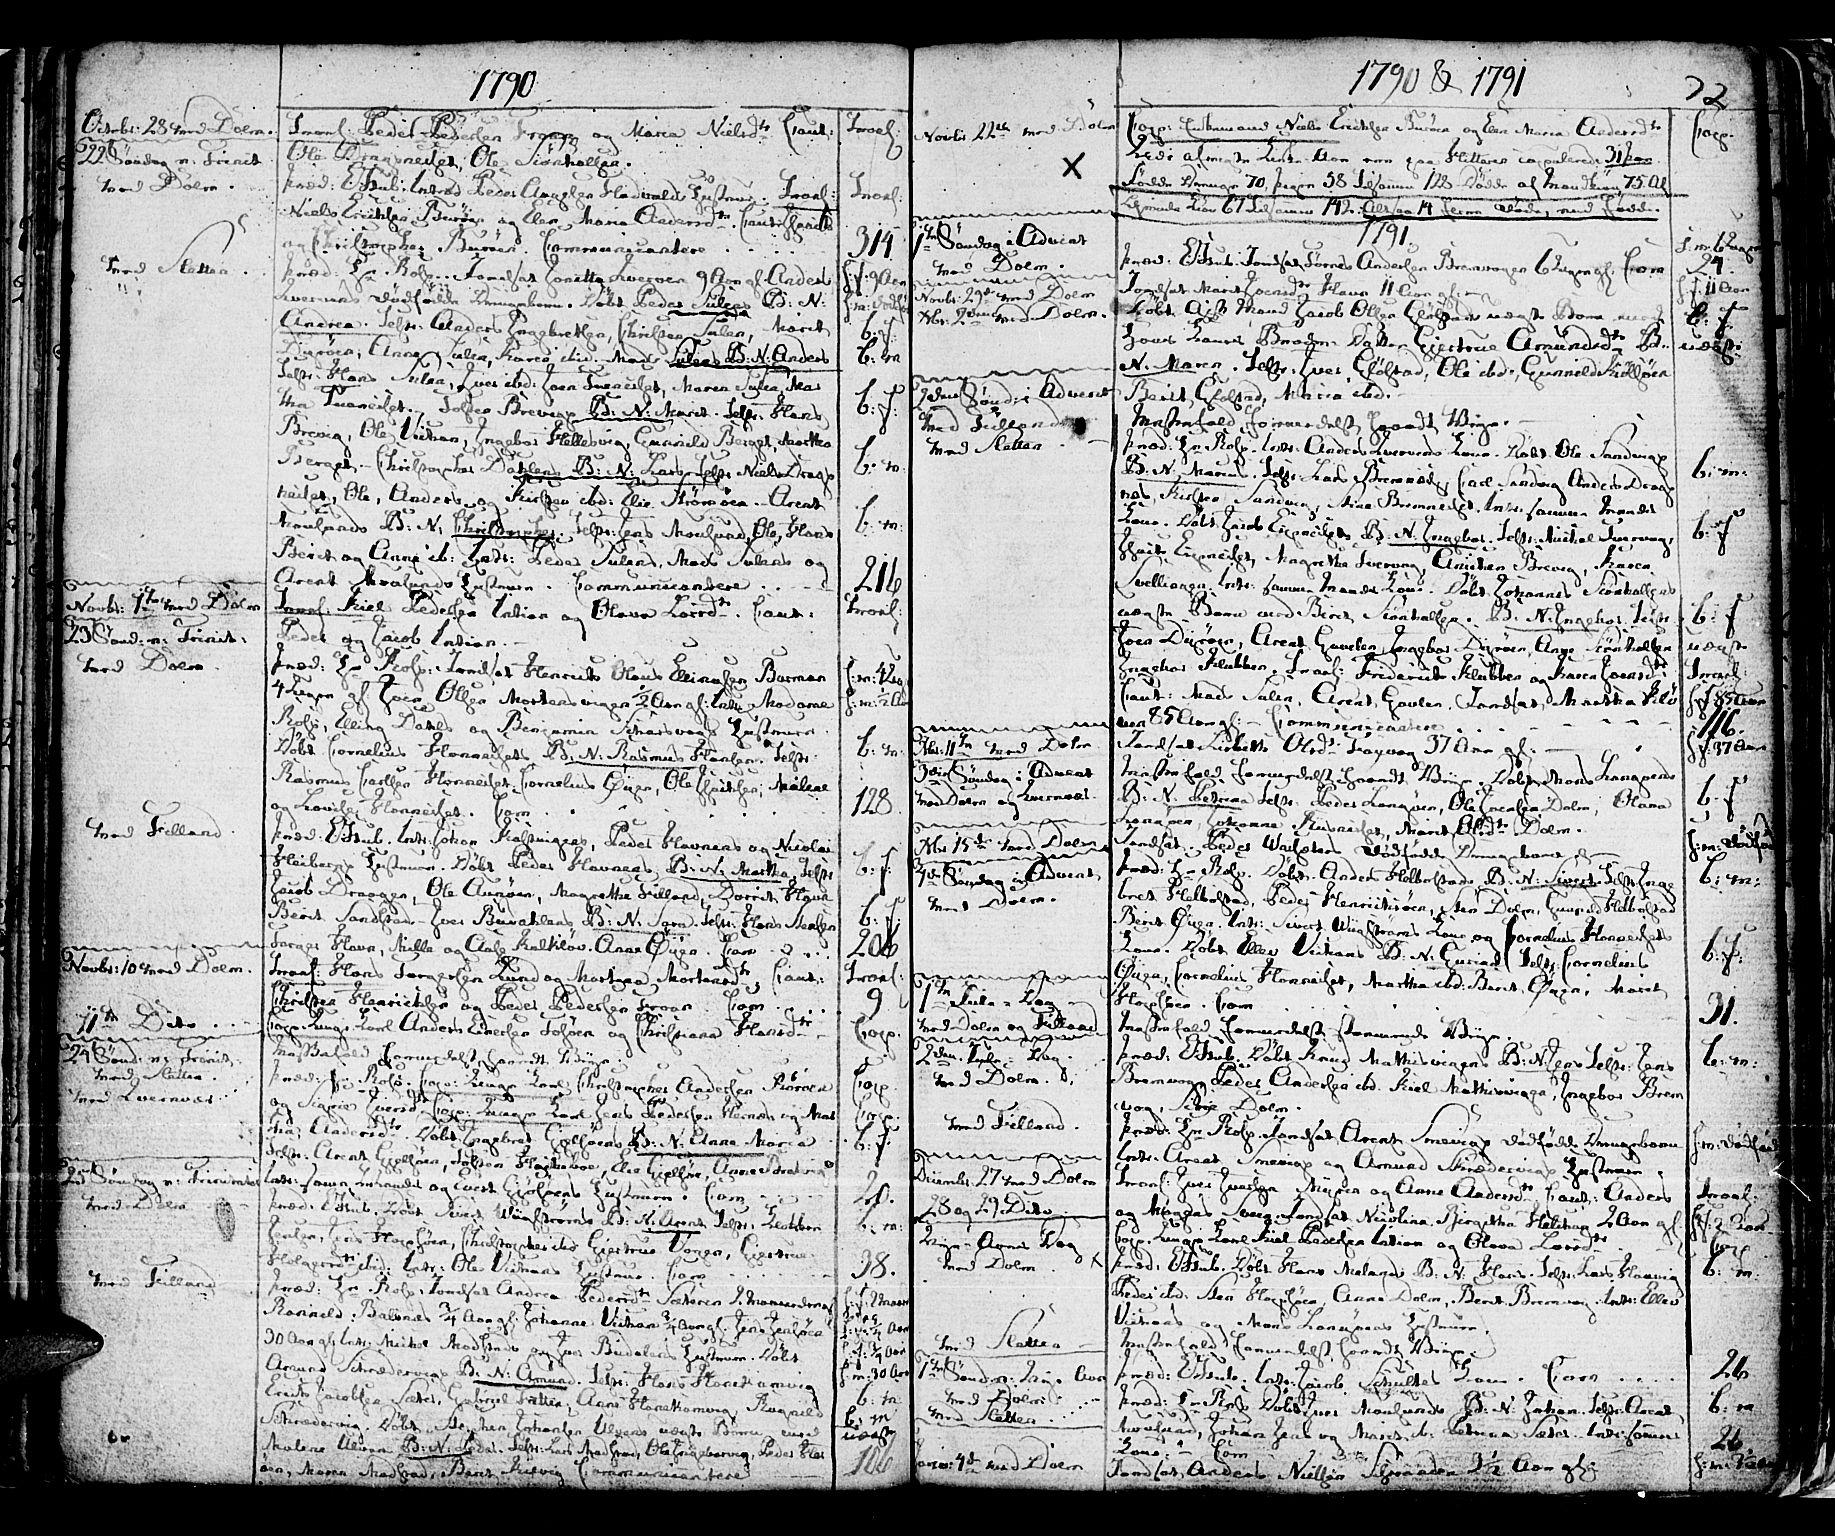 SAT, Ministerialprotokoller, klokkerbøker og fødselsregistre - Sør-Trøndelag, 634/L0526: Ministerialbok nr. 634A02, 1775-1818, s. 72